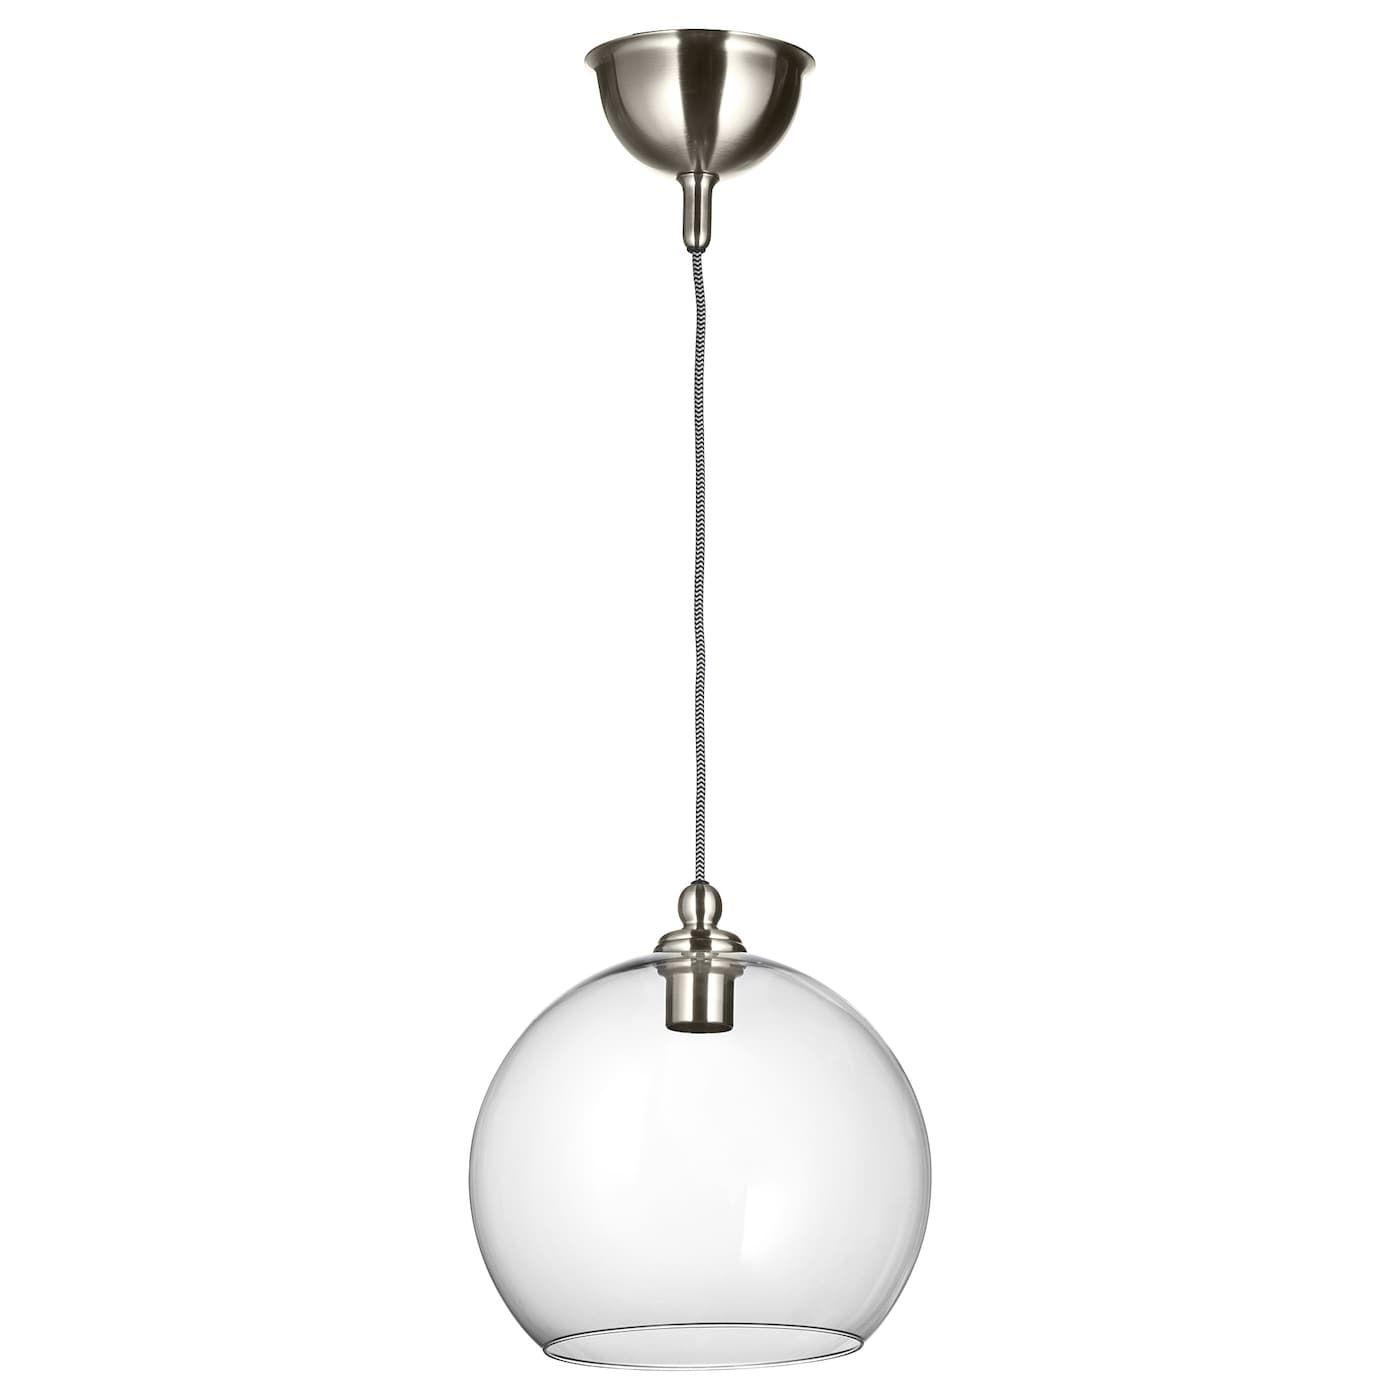 Mobel Einrichtungsideen Fur Dein Zuhause Hangeleuchte Lampenaufhangung Led Lampe